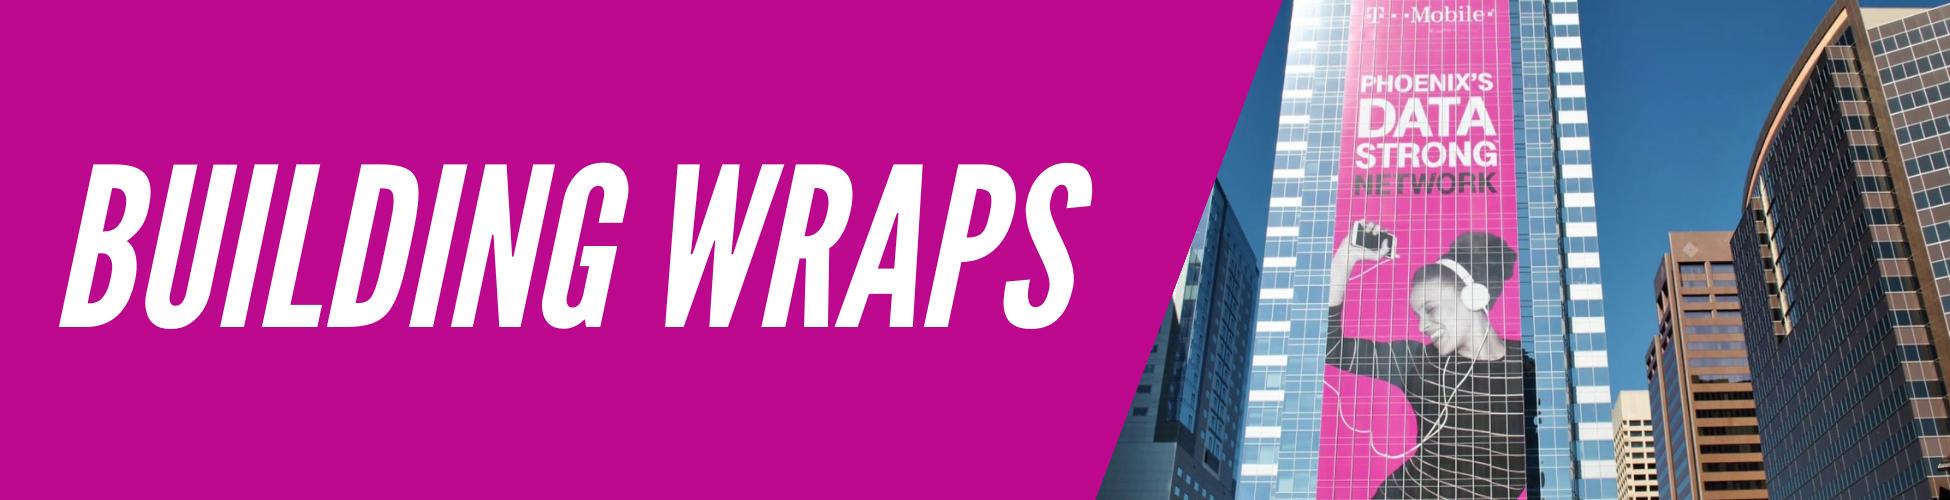 building-wraps-banner-v3.png